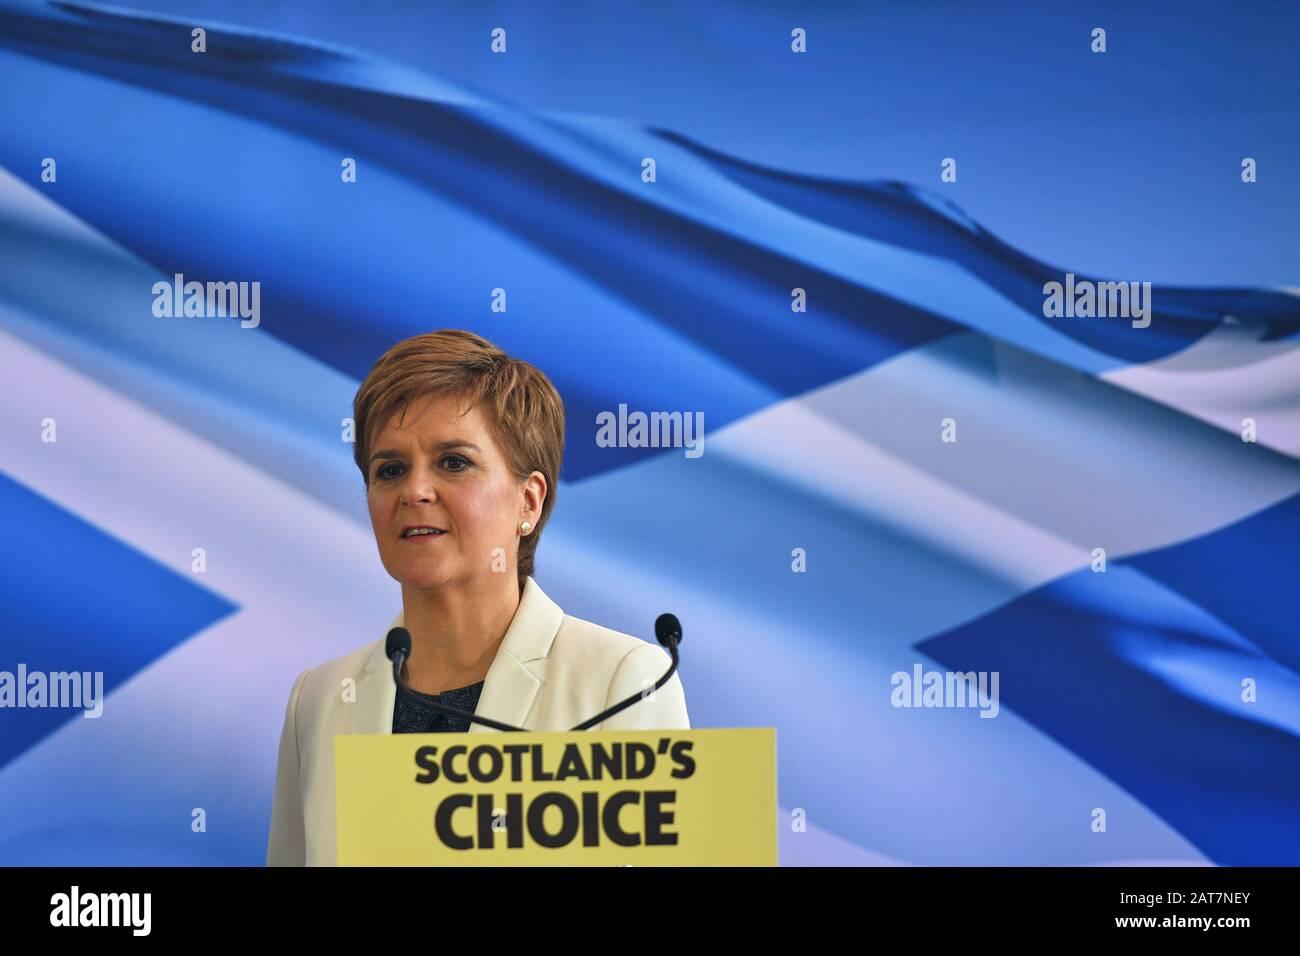 Edinburgh Scotland, Großbritannien 31. Januar 2020; Schottlands Erste Ministerin Nicola Sturgeon bei Dynamic Earth, wo sie die nächsten Schritte der SNP in der Kampagne für Schottland zu einem unabhängigen Land umreißt. Kredit Steven scott taylor / Alamy Live-Nachrichten Stockfoto